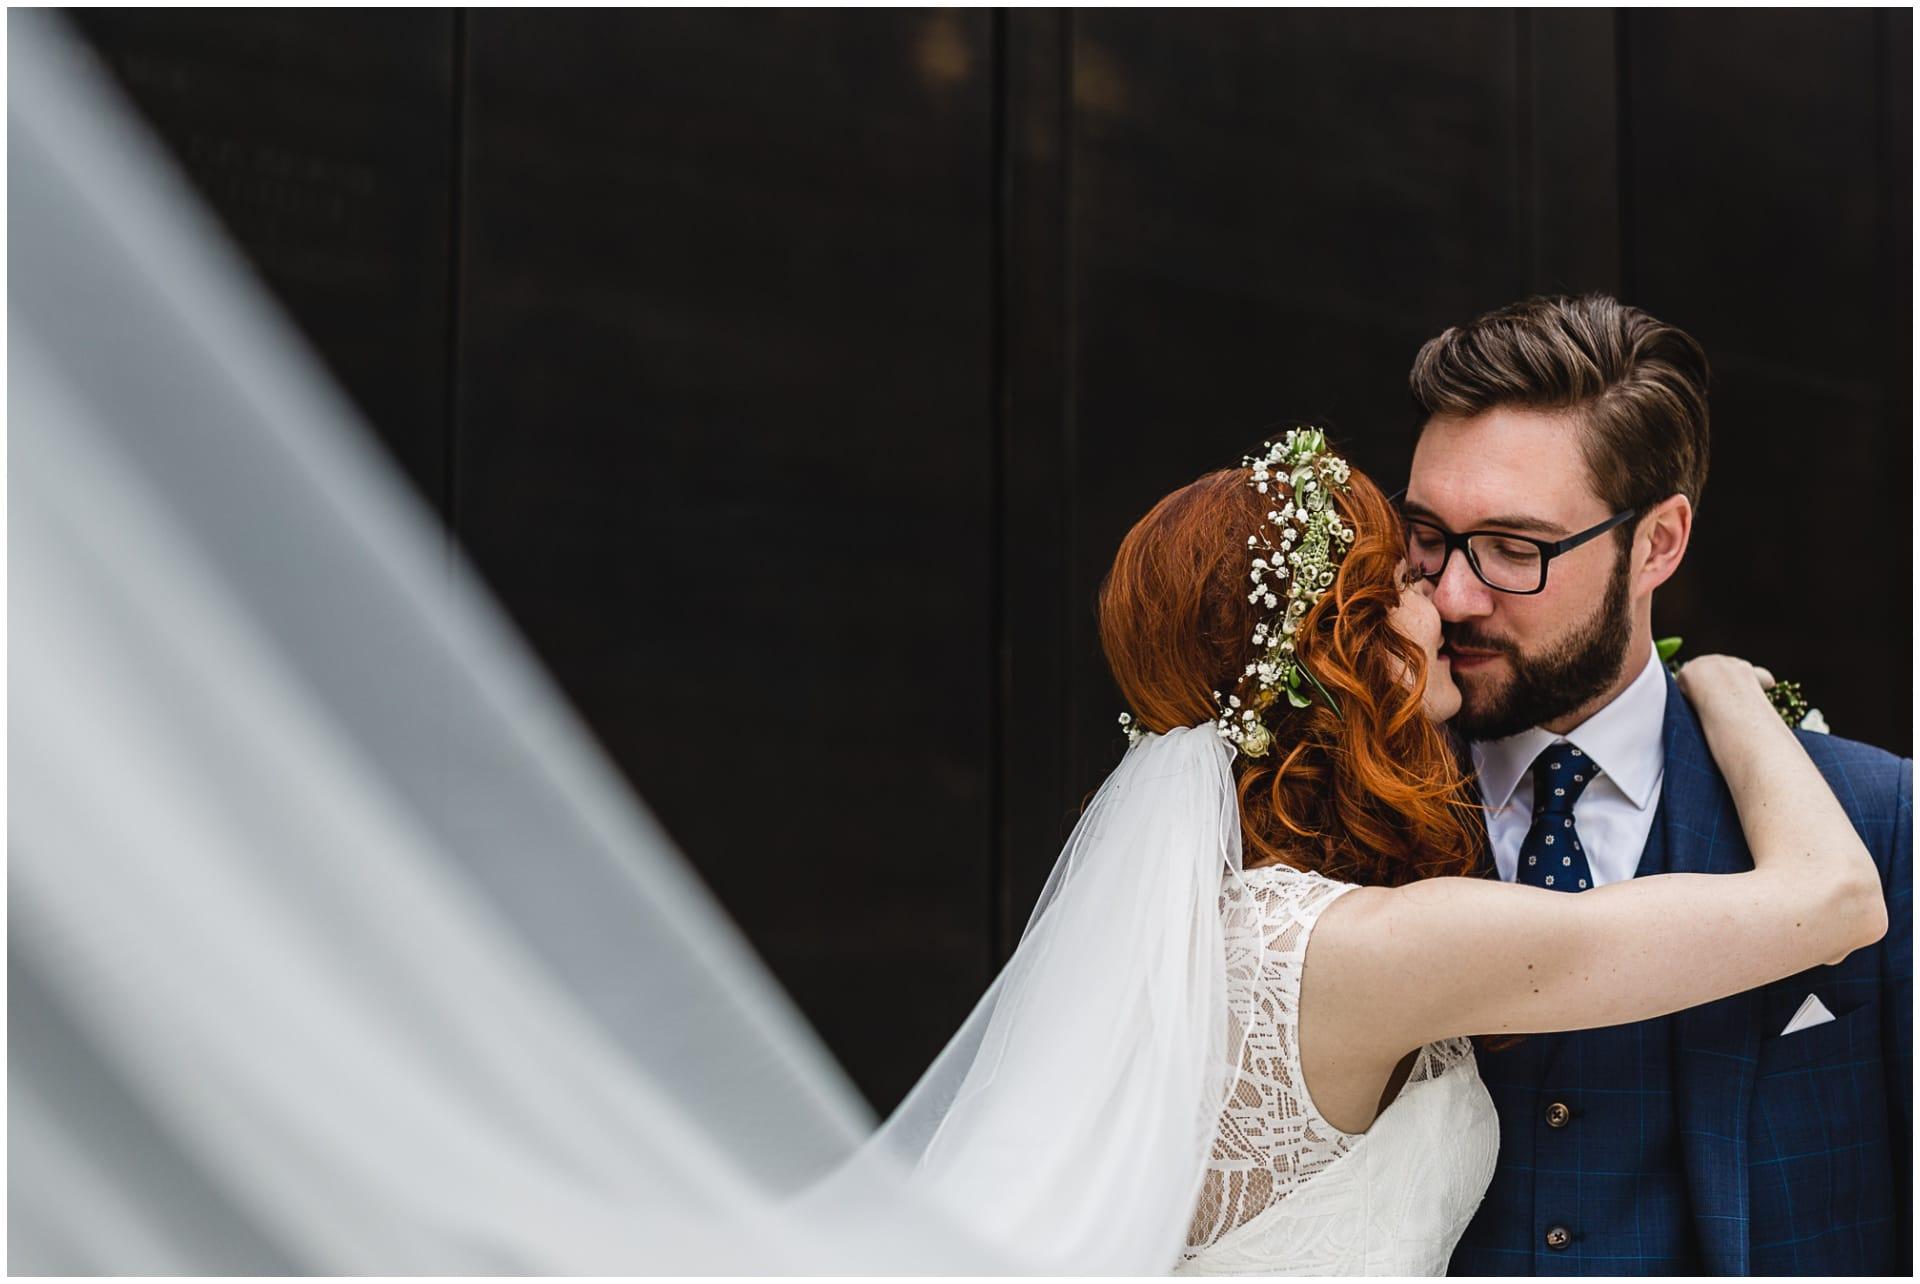 Hochzeitsfotograf Lübeck und Stockelsdorf - die 2 Tage-Hochzeit von Jacqueline & Tim Karoline & Thomas - Eure Hochzeitsfotografen aus Schleswig-Holstein